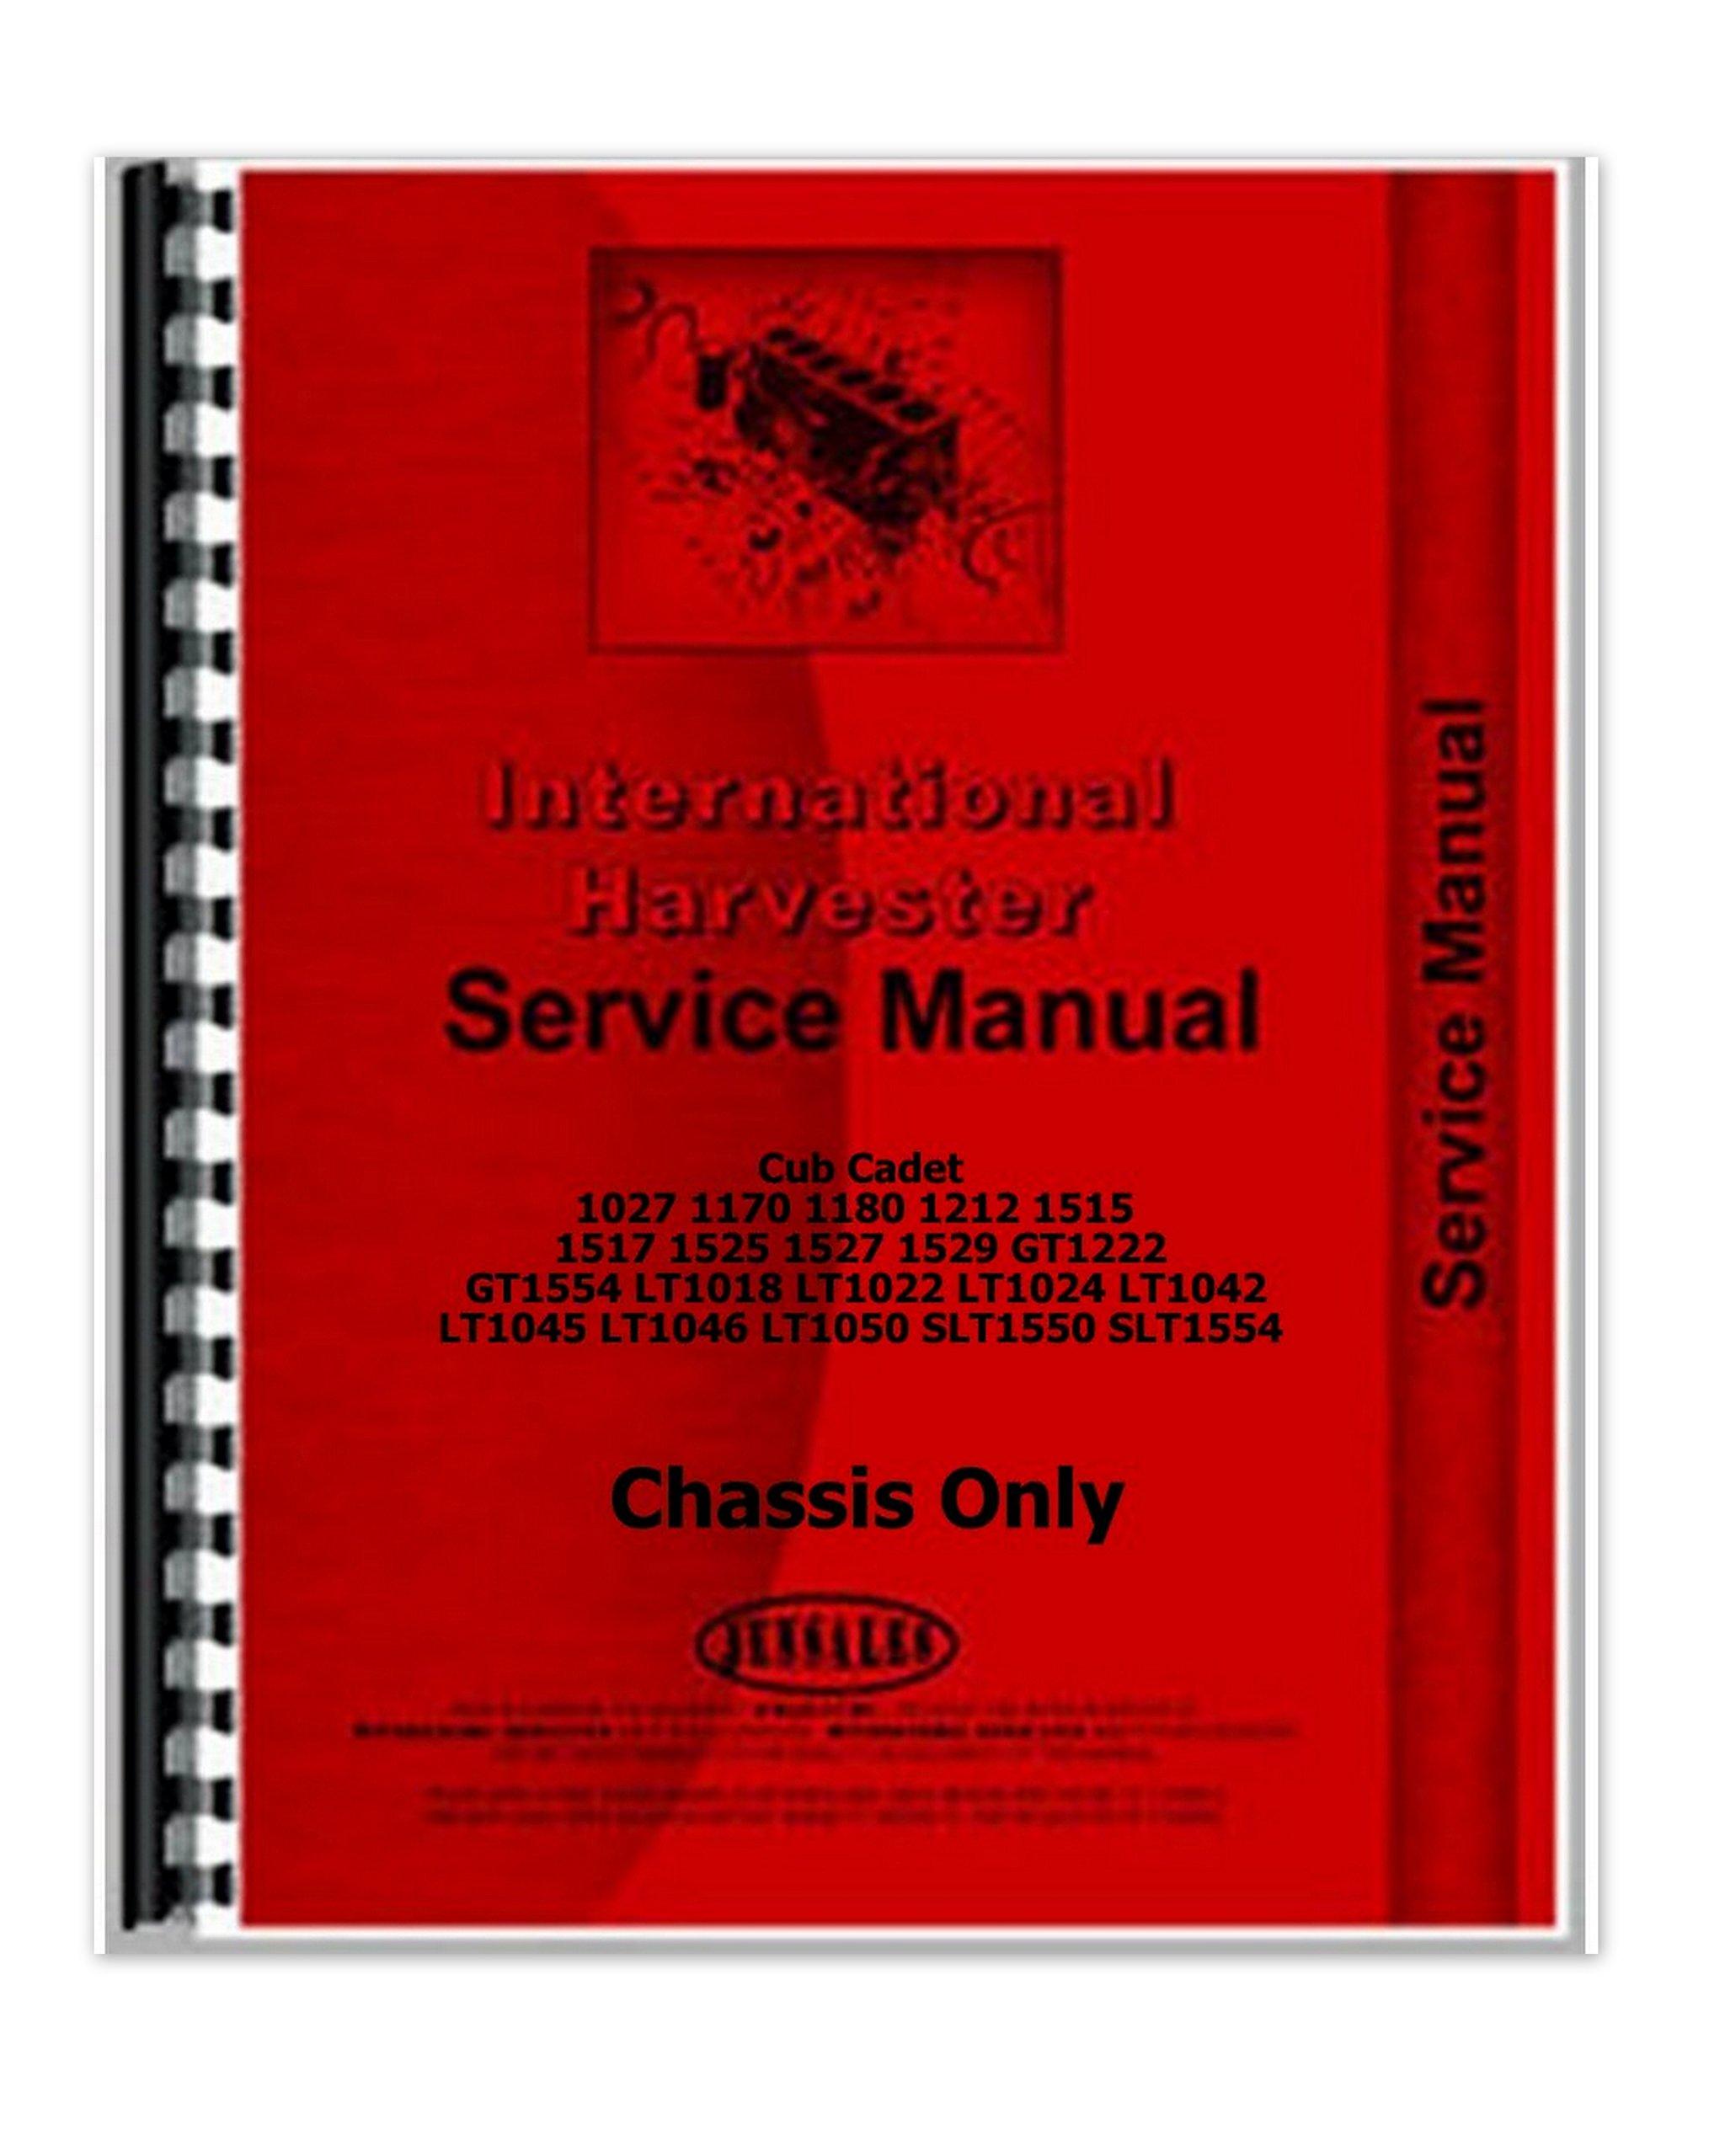 1170 cadet manual